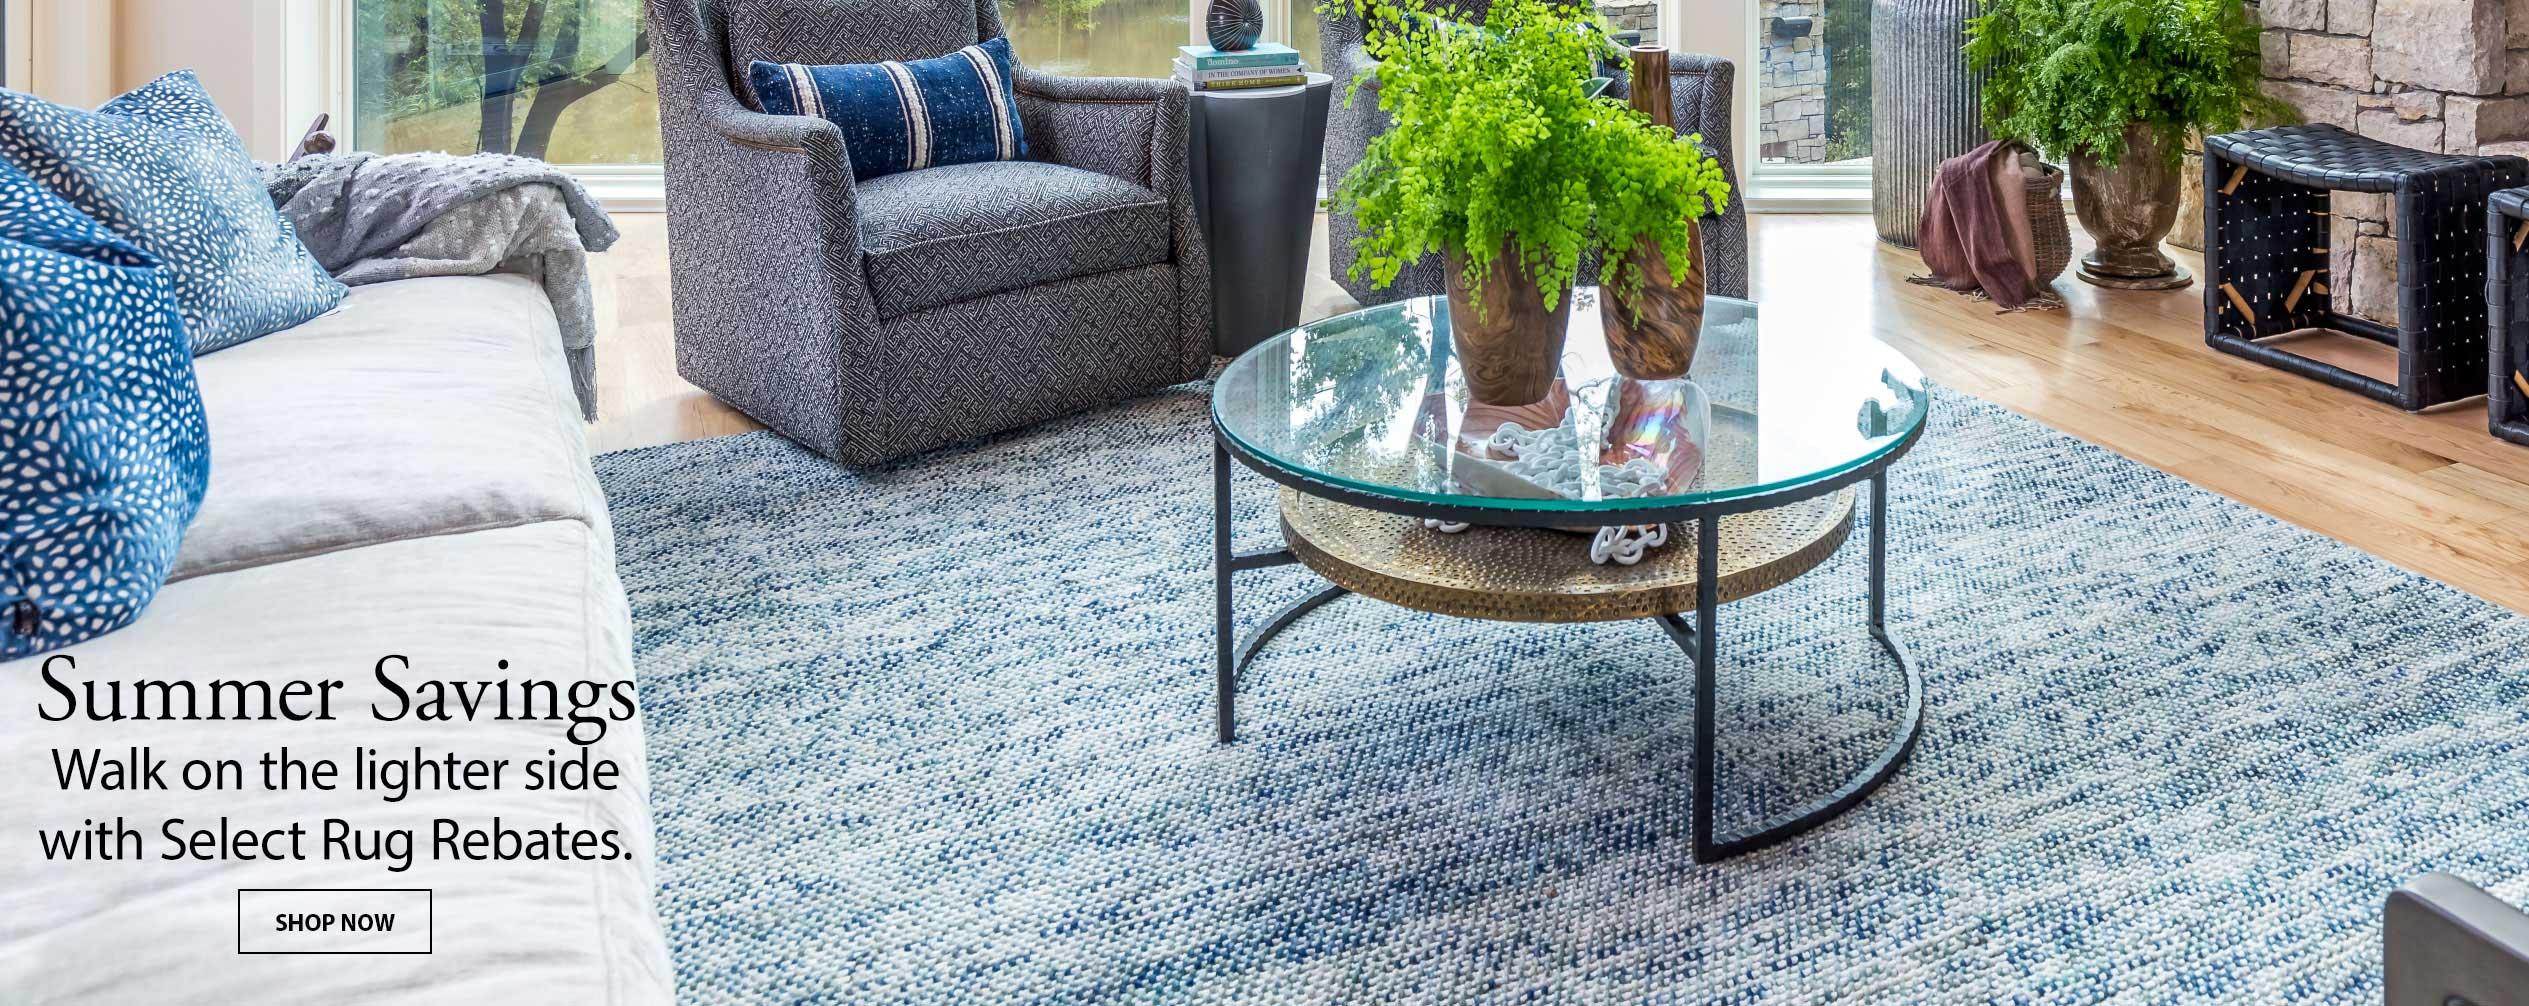 ... Rug Rebates At Jordanu0027s Furniture Stores In CT, MA, NH, ...